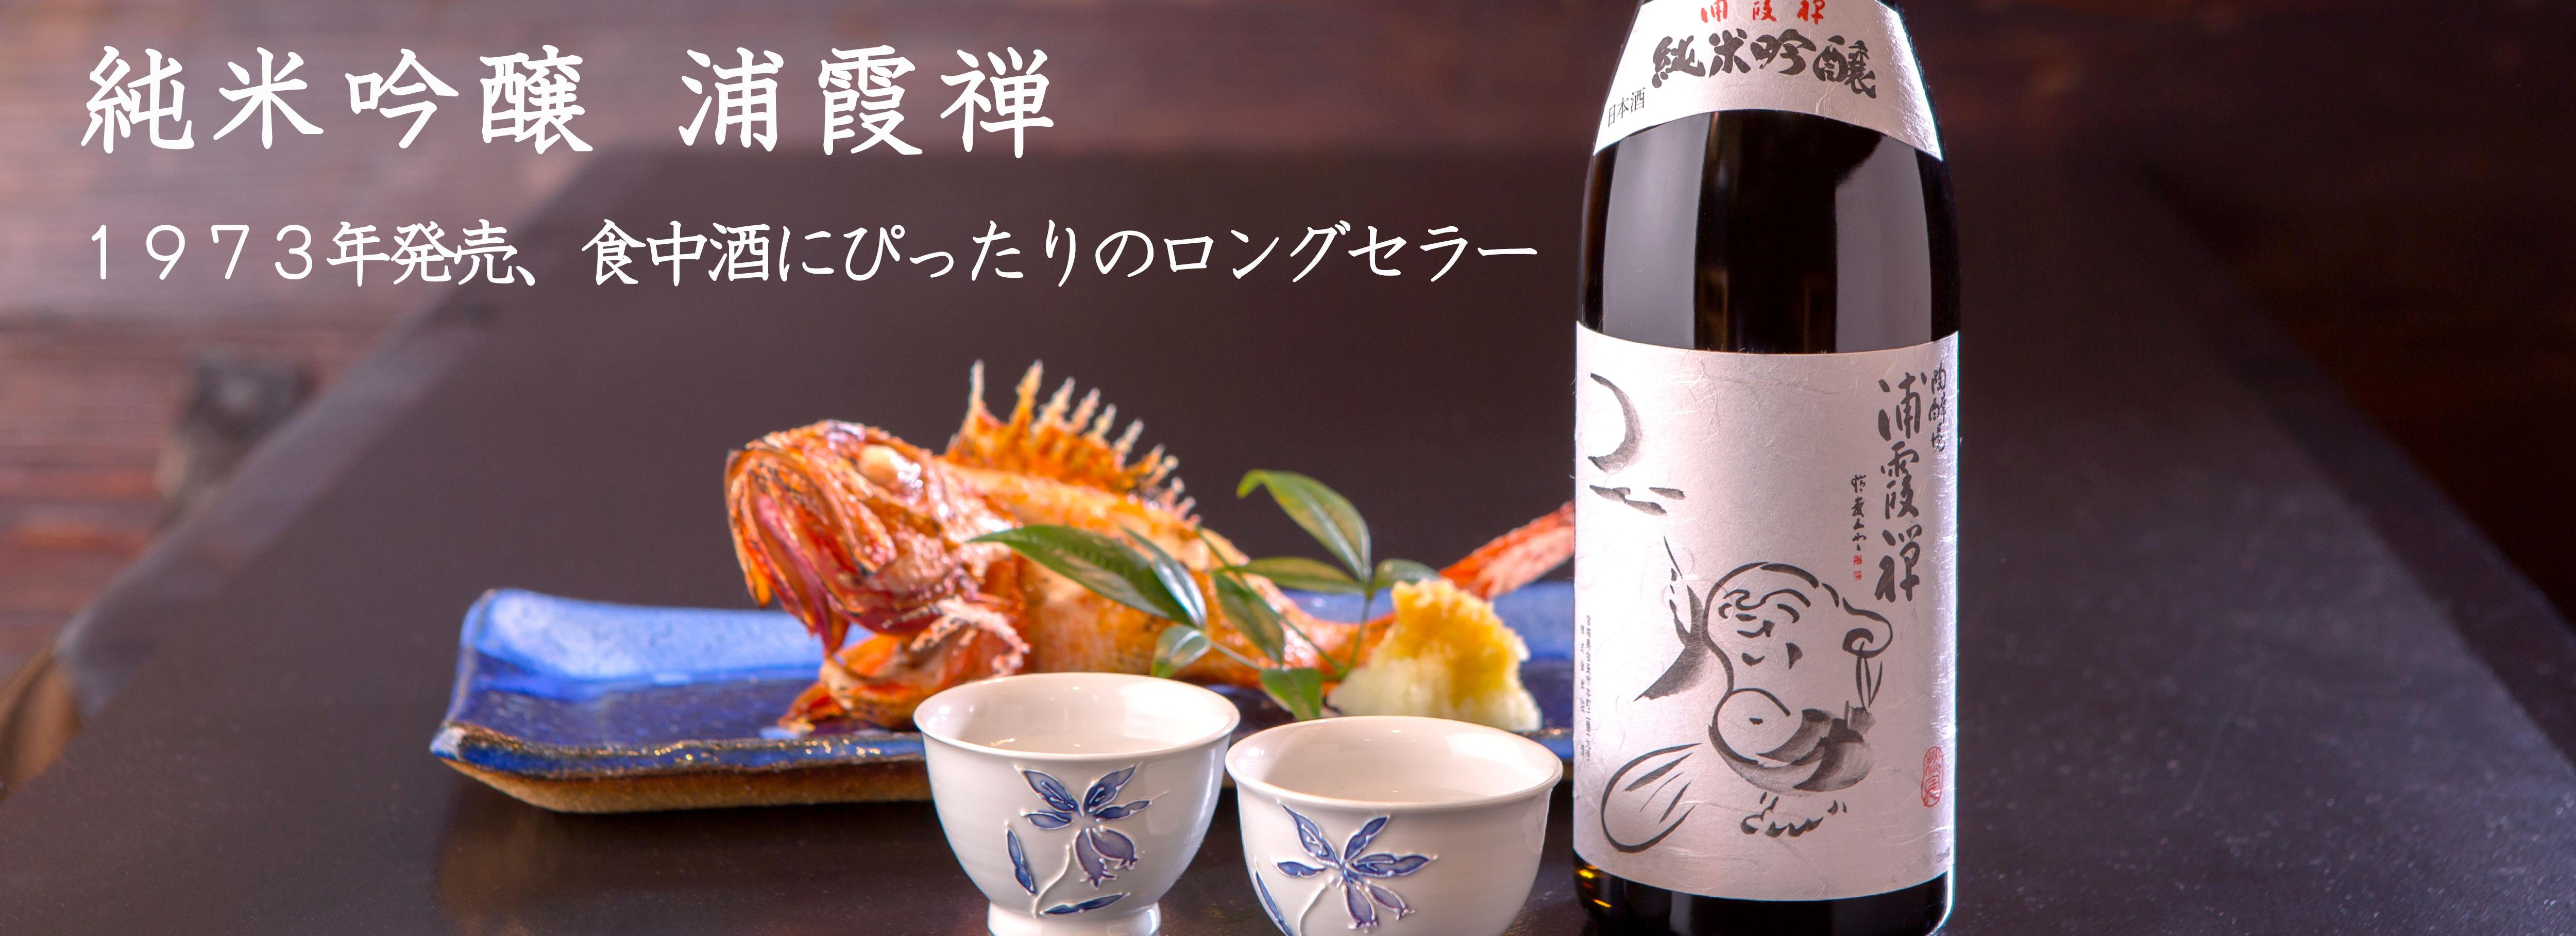 浦霞を代表する一品「純米吟醸 浦霞禅」